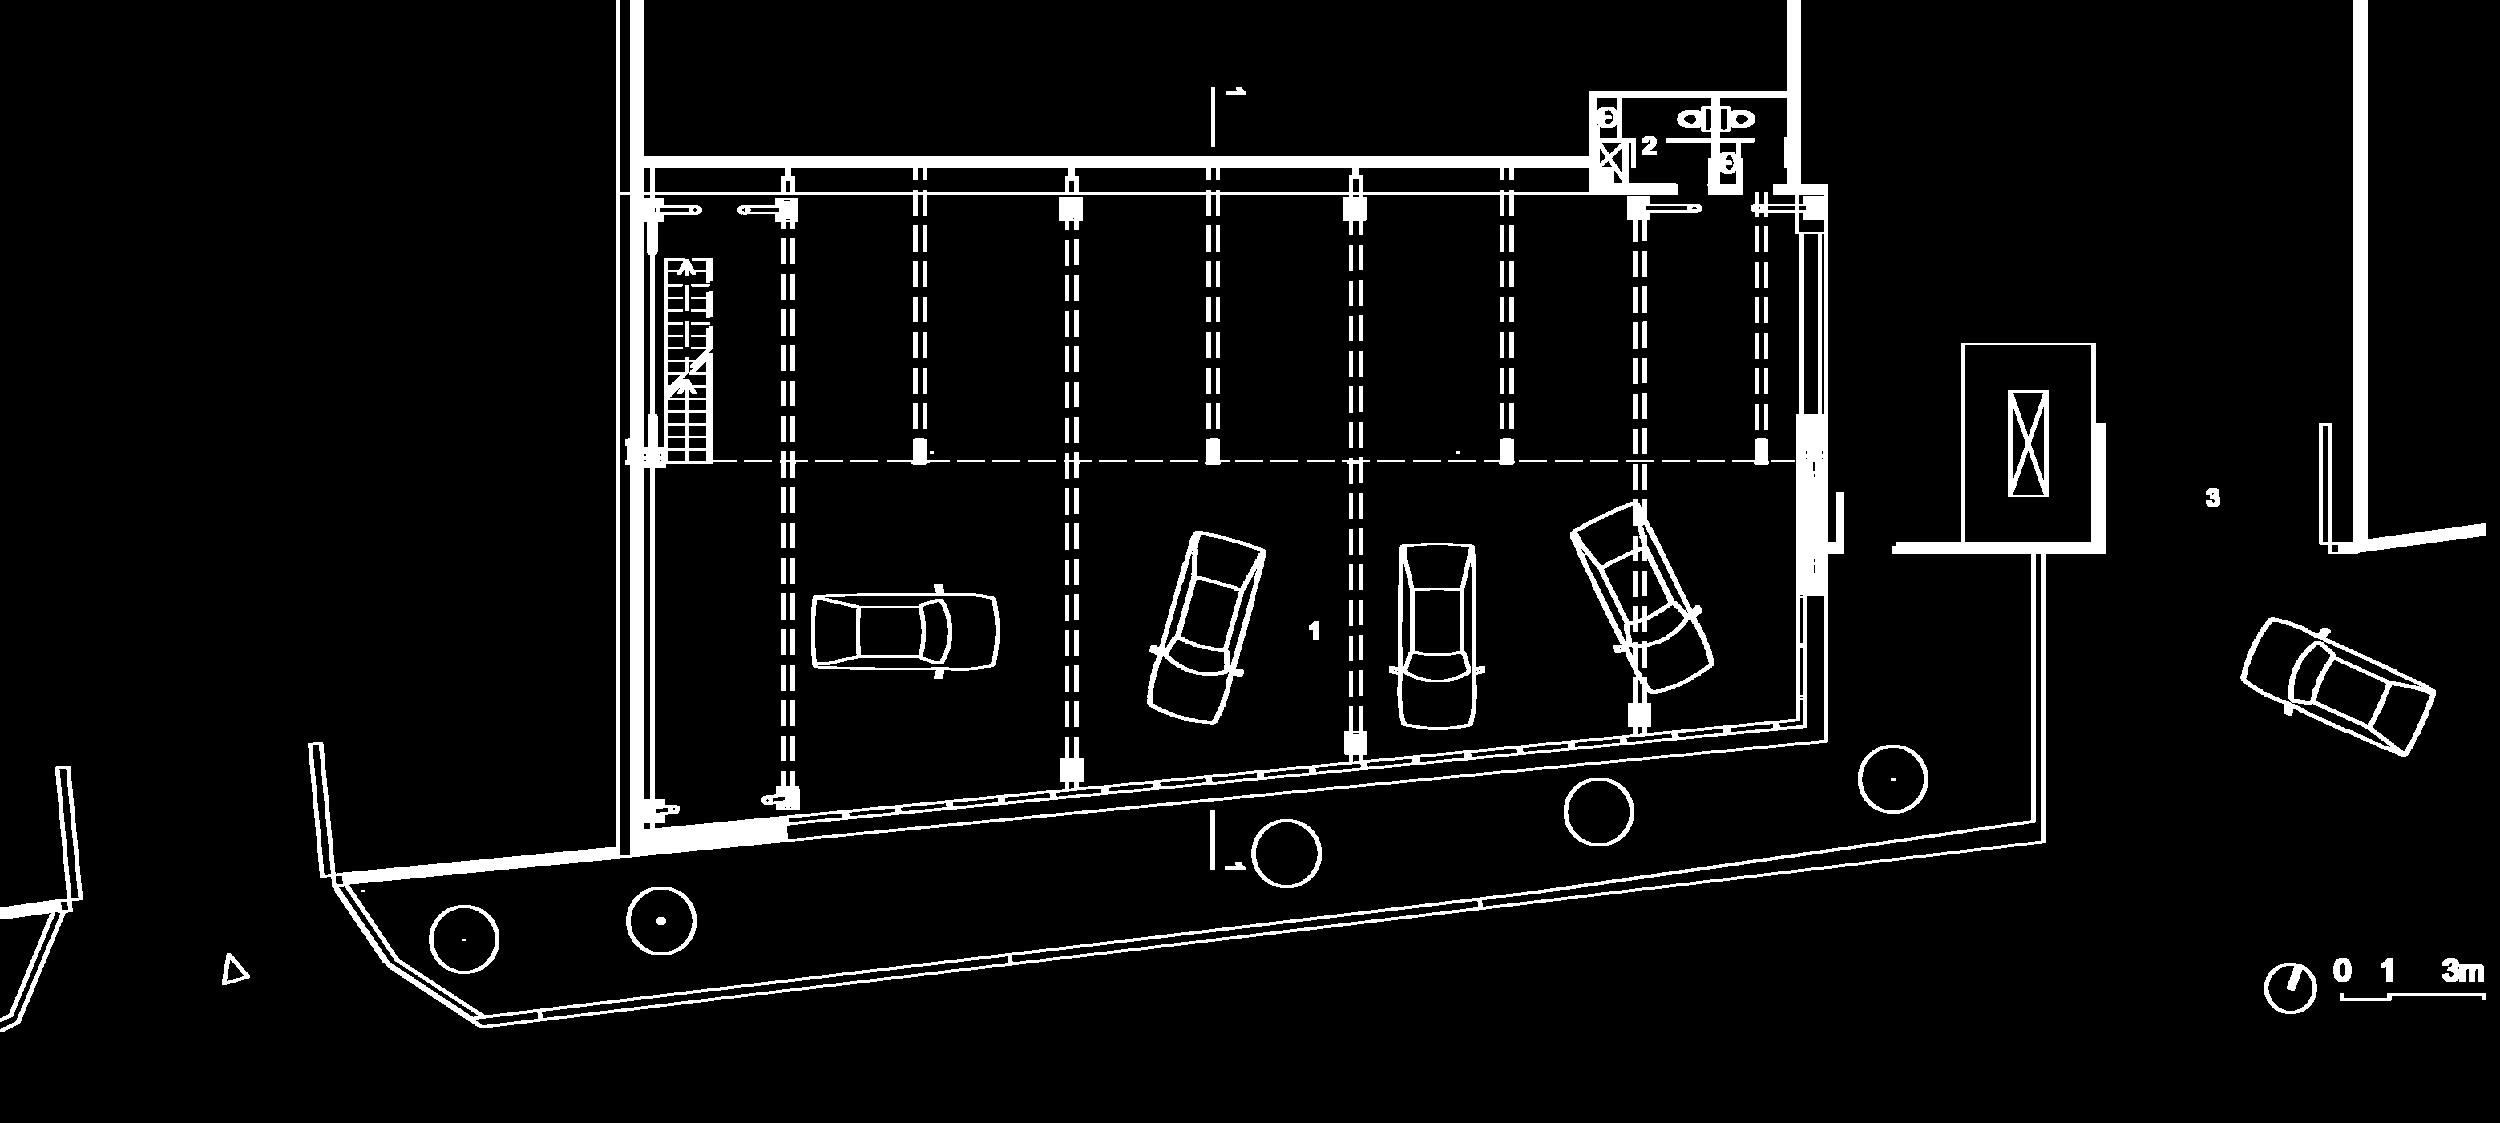 Plan du rez-de-chaussée :  1- Showroom, 2- Sanitaire, 3- Entrée